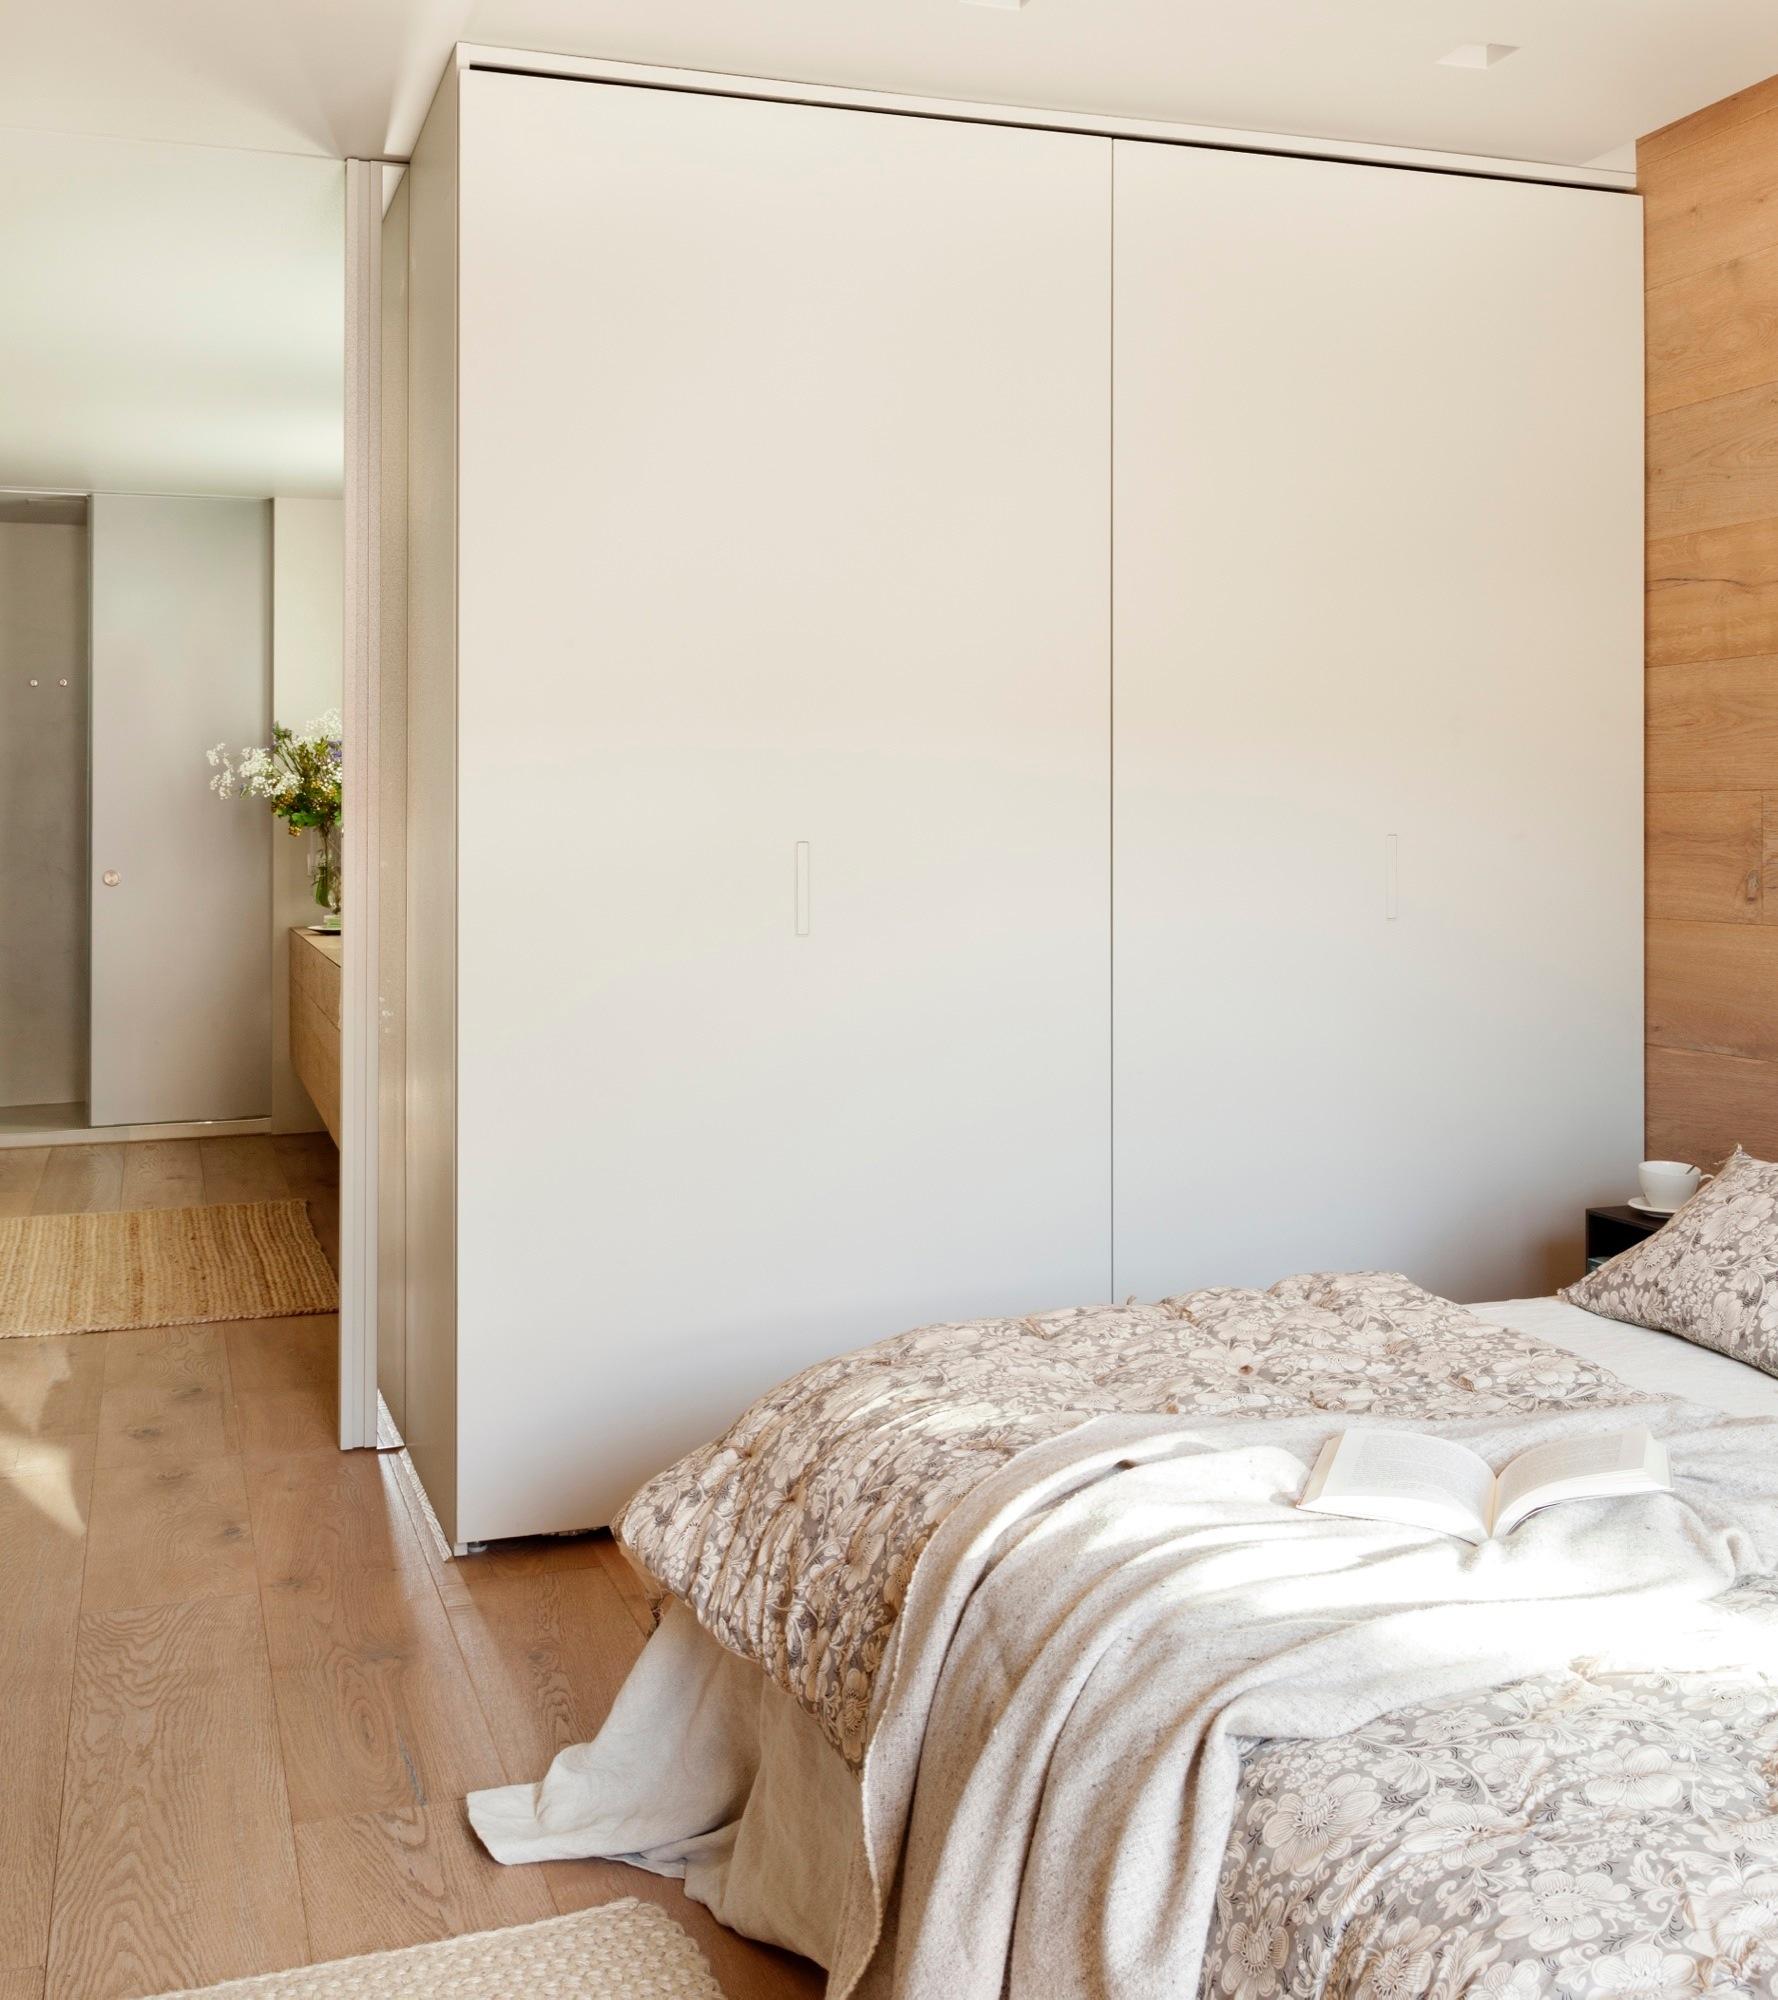 Muebles De Baño Faro: de Fusteria Vilobí, ventilador de Faro y colcha de Margarita Ventura